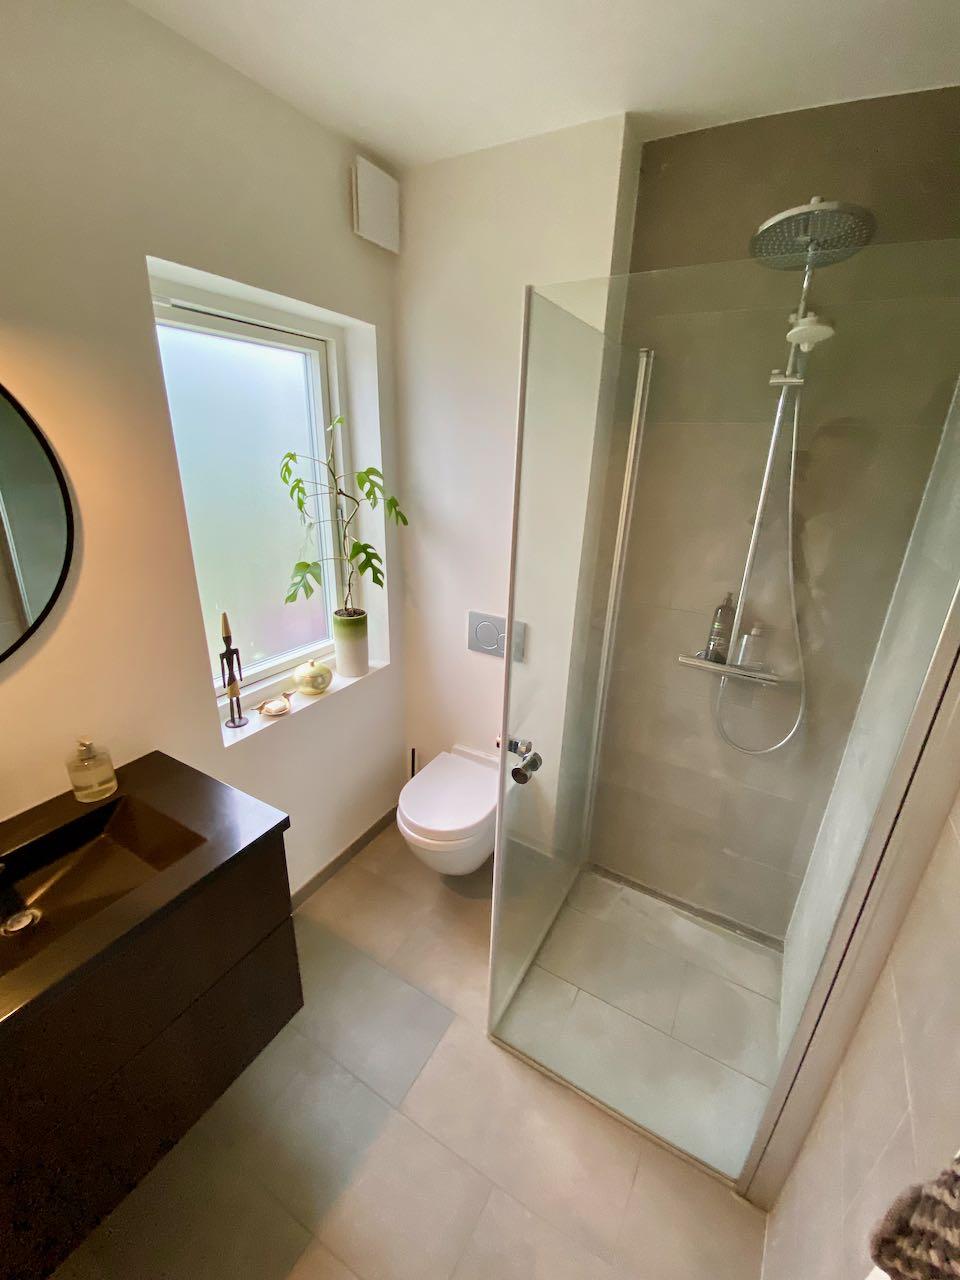 Bæredygtigt badeværelse mellemstort hørsholm renovering badcompagniet